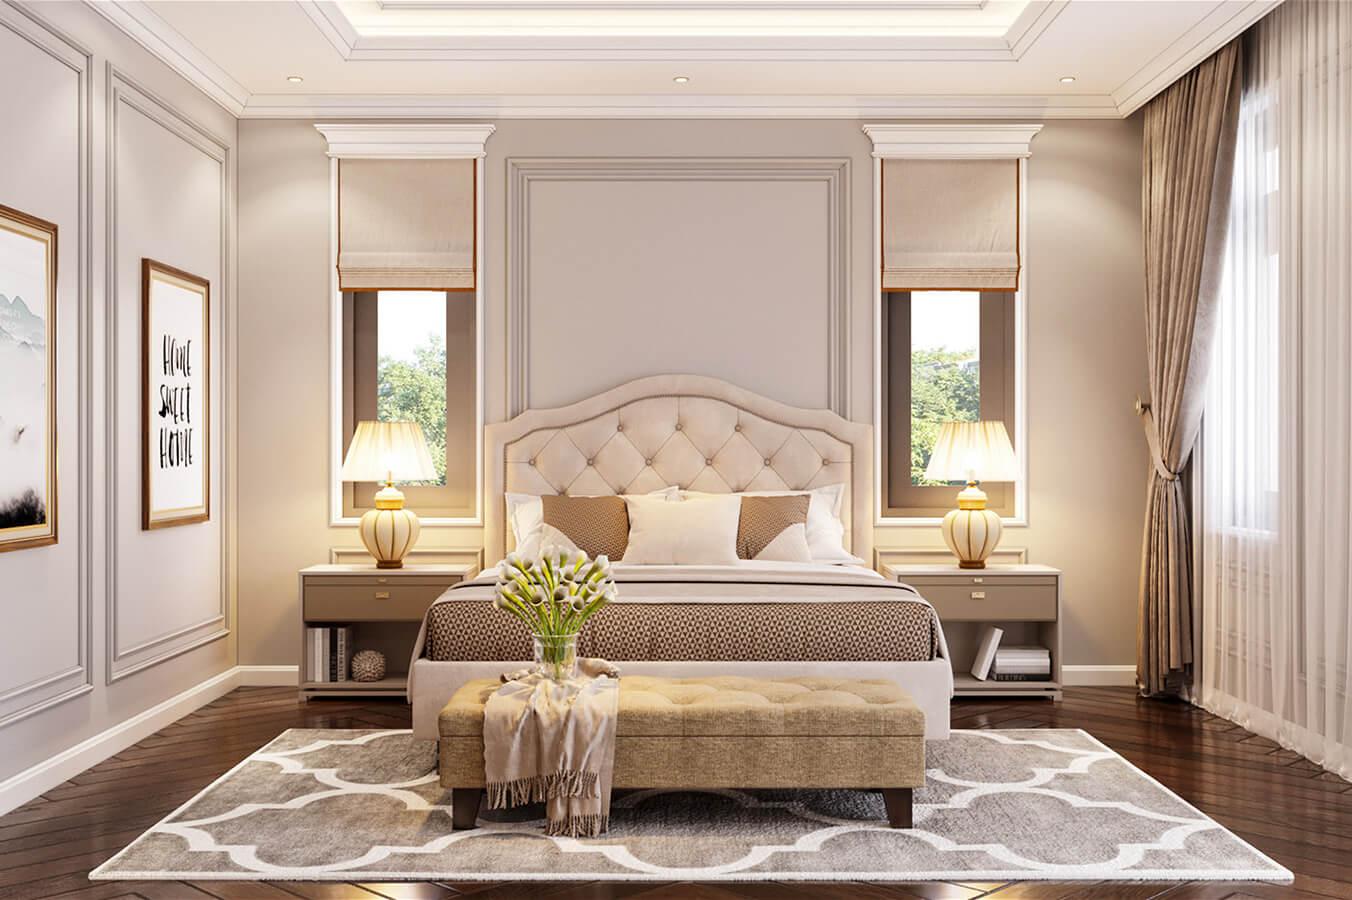 biệt thự cổ điển 215m2 phòng ngủ dành cho khách